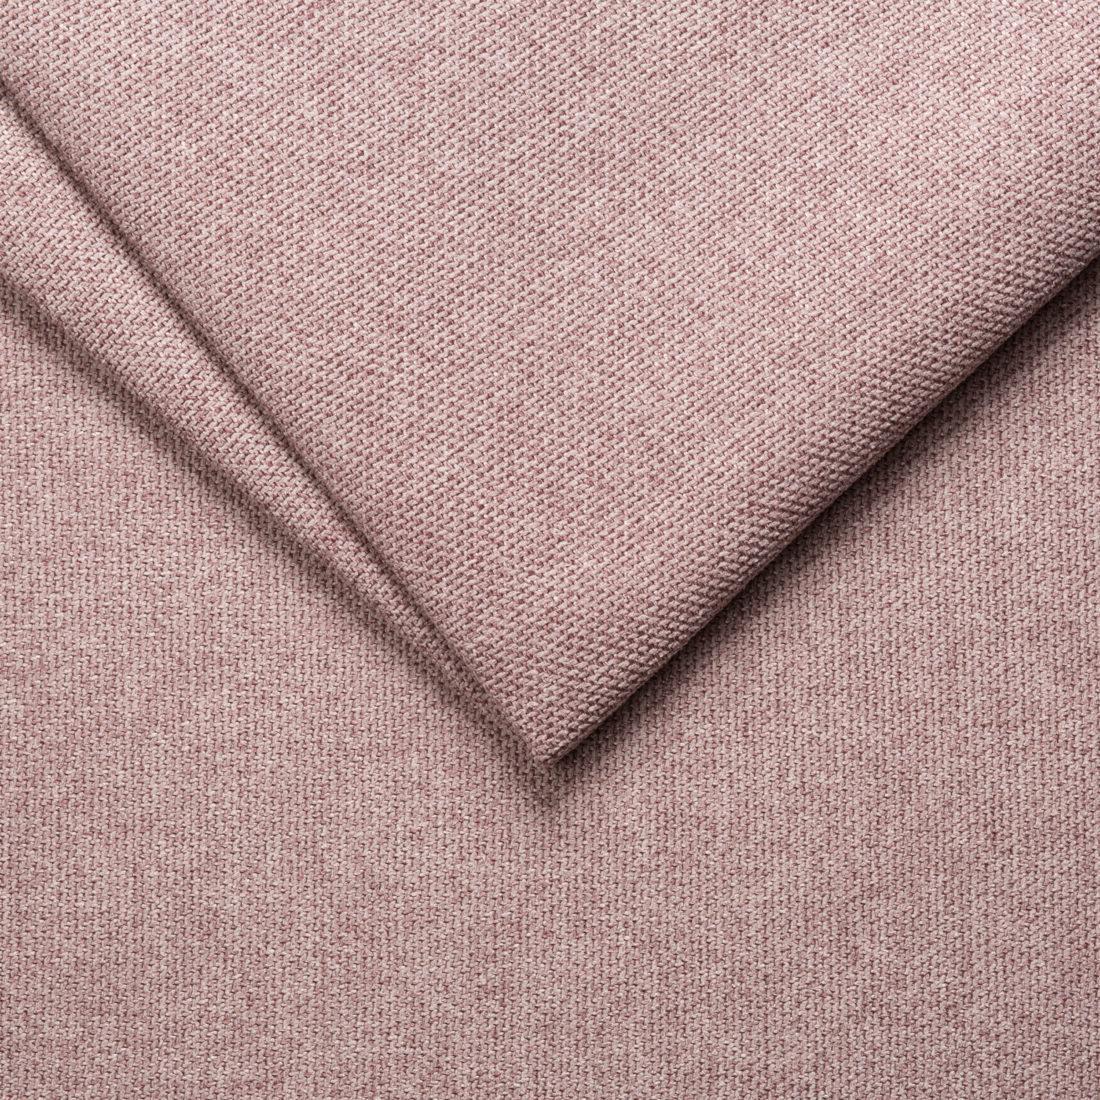 Меблева тканина Austin 6 Flamingo, рогожка